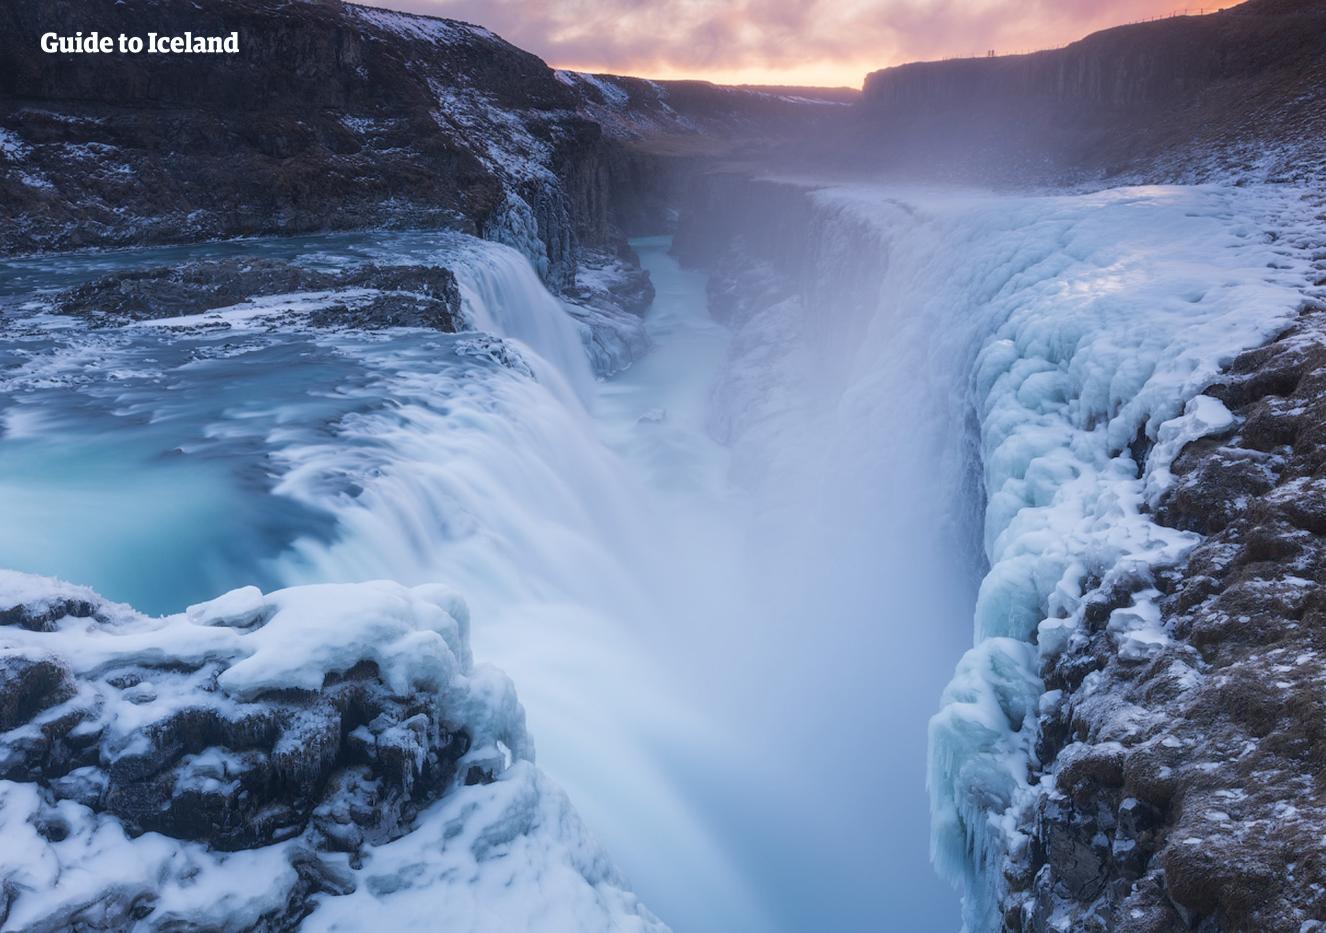 El poder y la belleza se unen en la cascada Gullfoss, ubicada en la ruta del Círculo Dorado.